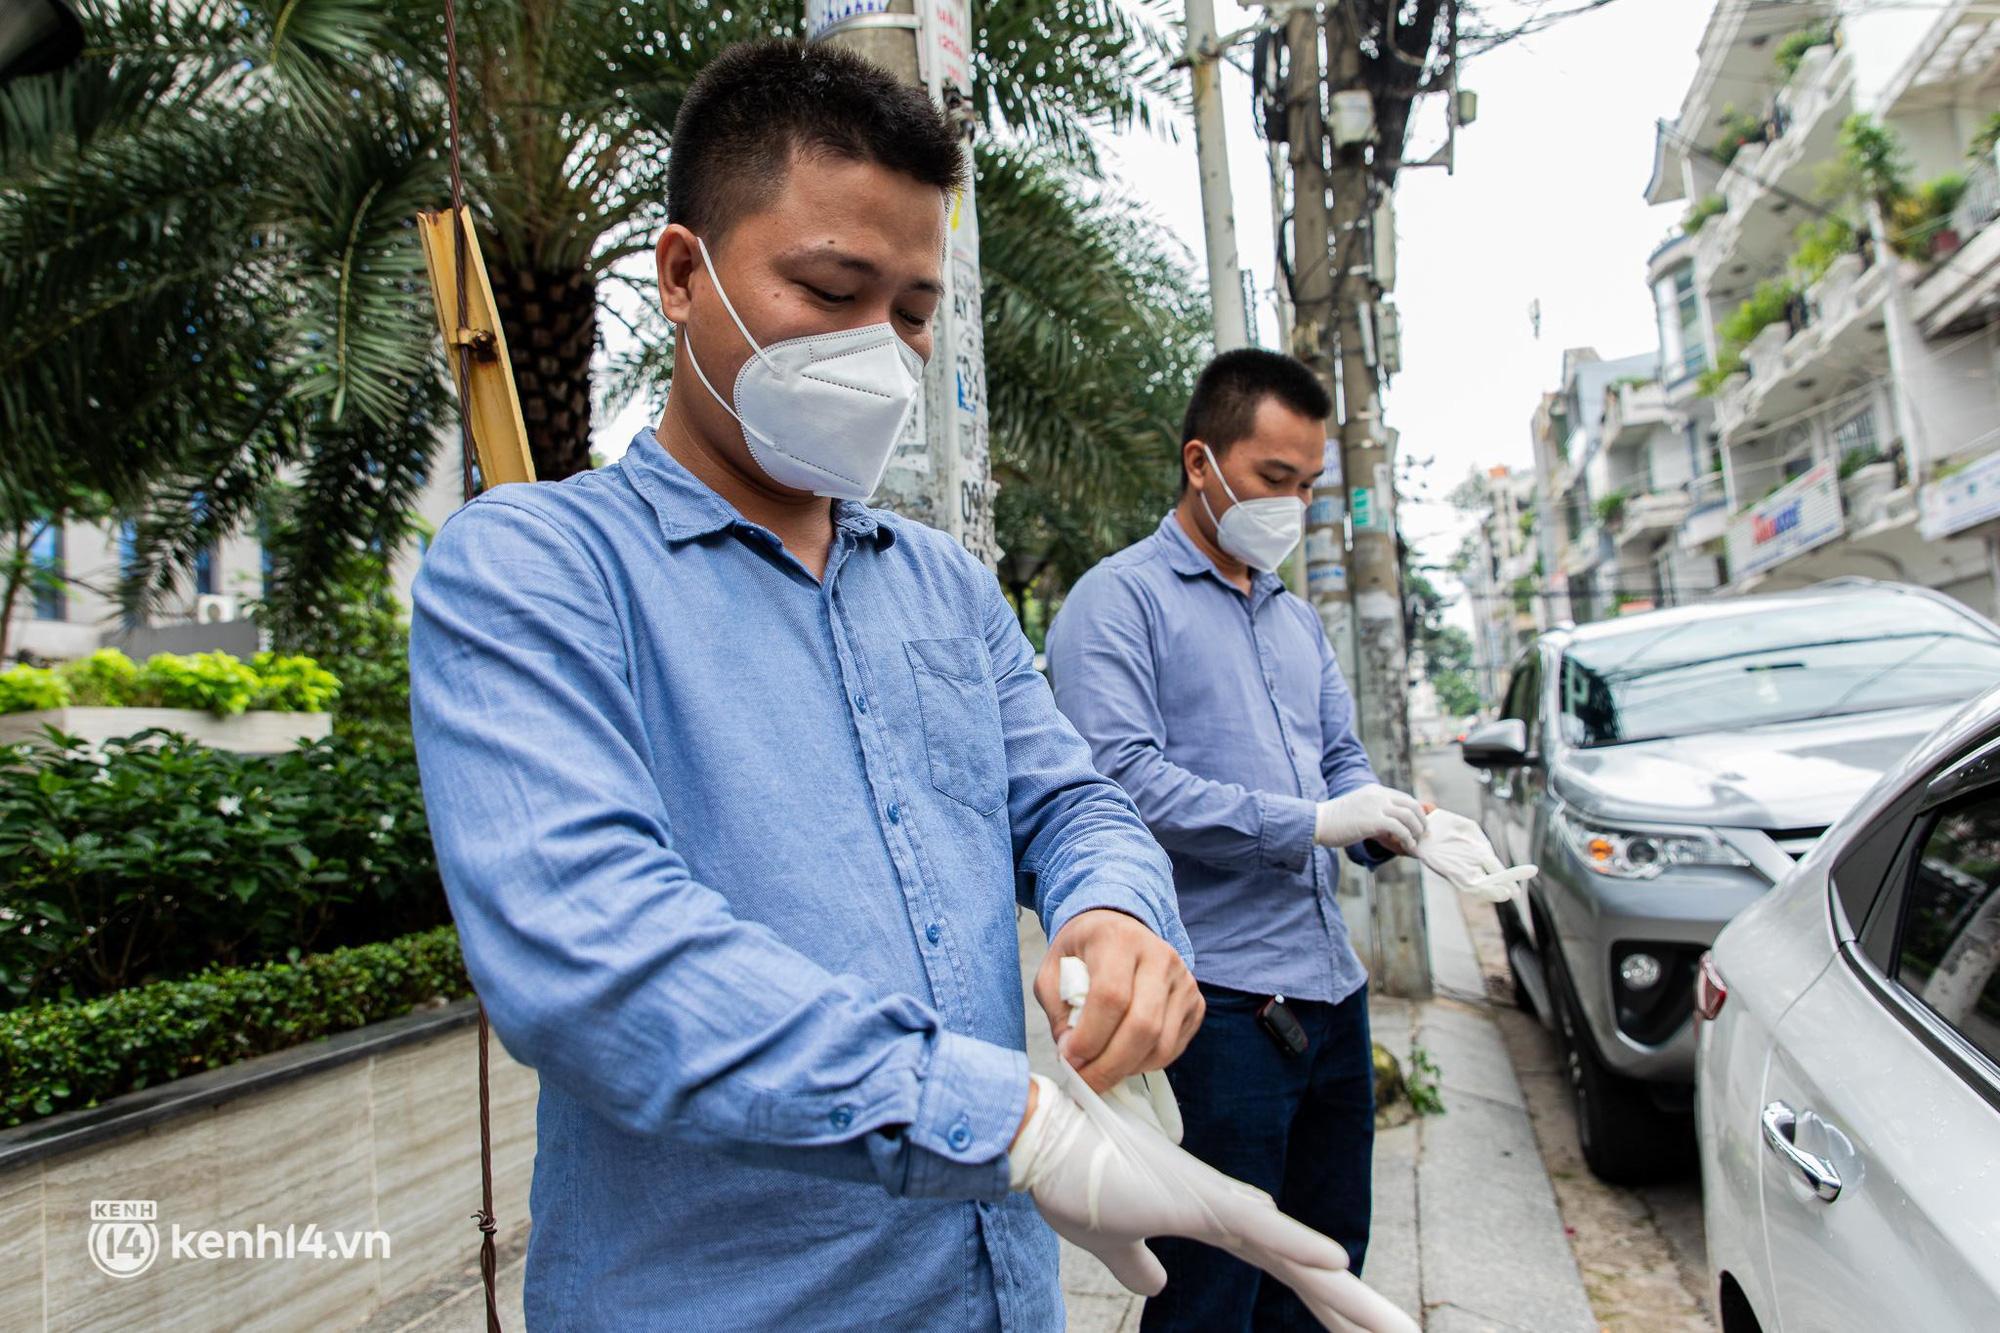 Sài Gòn nới lỏng giãn cách xã hội, bác tài phấn khởi ngày hoạt động trở lại với dịch vụ GrabCar Protect - Ảnh 5.